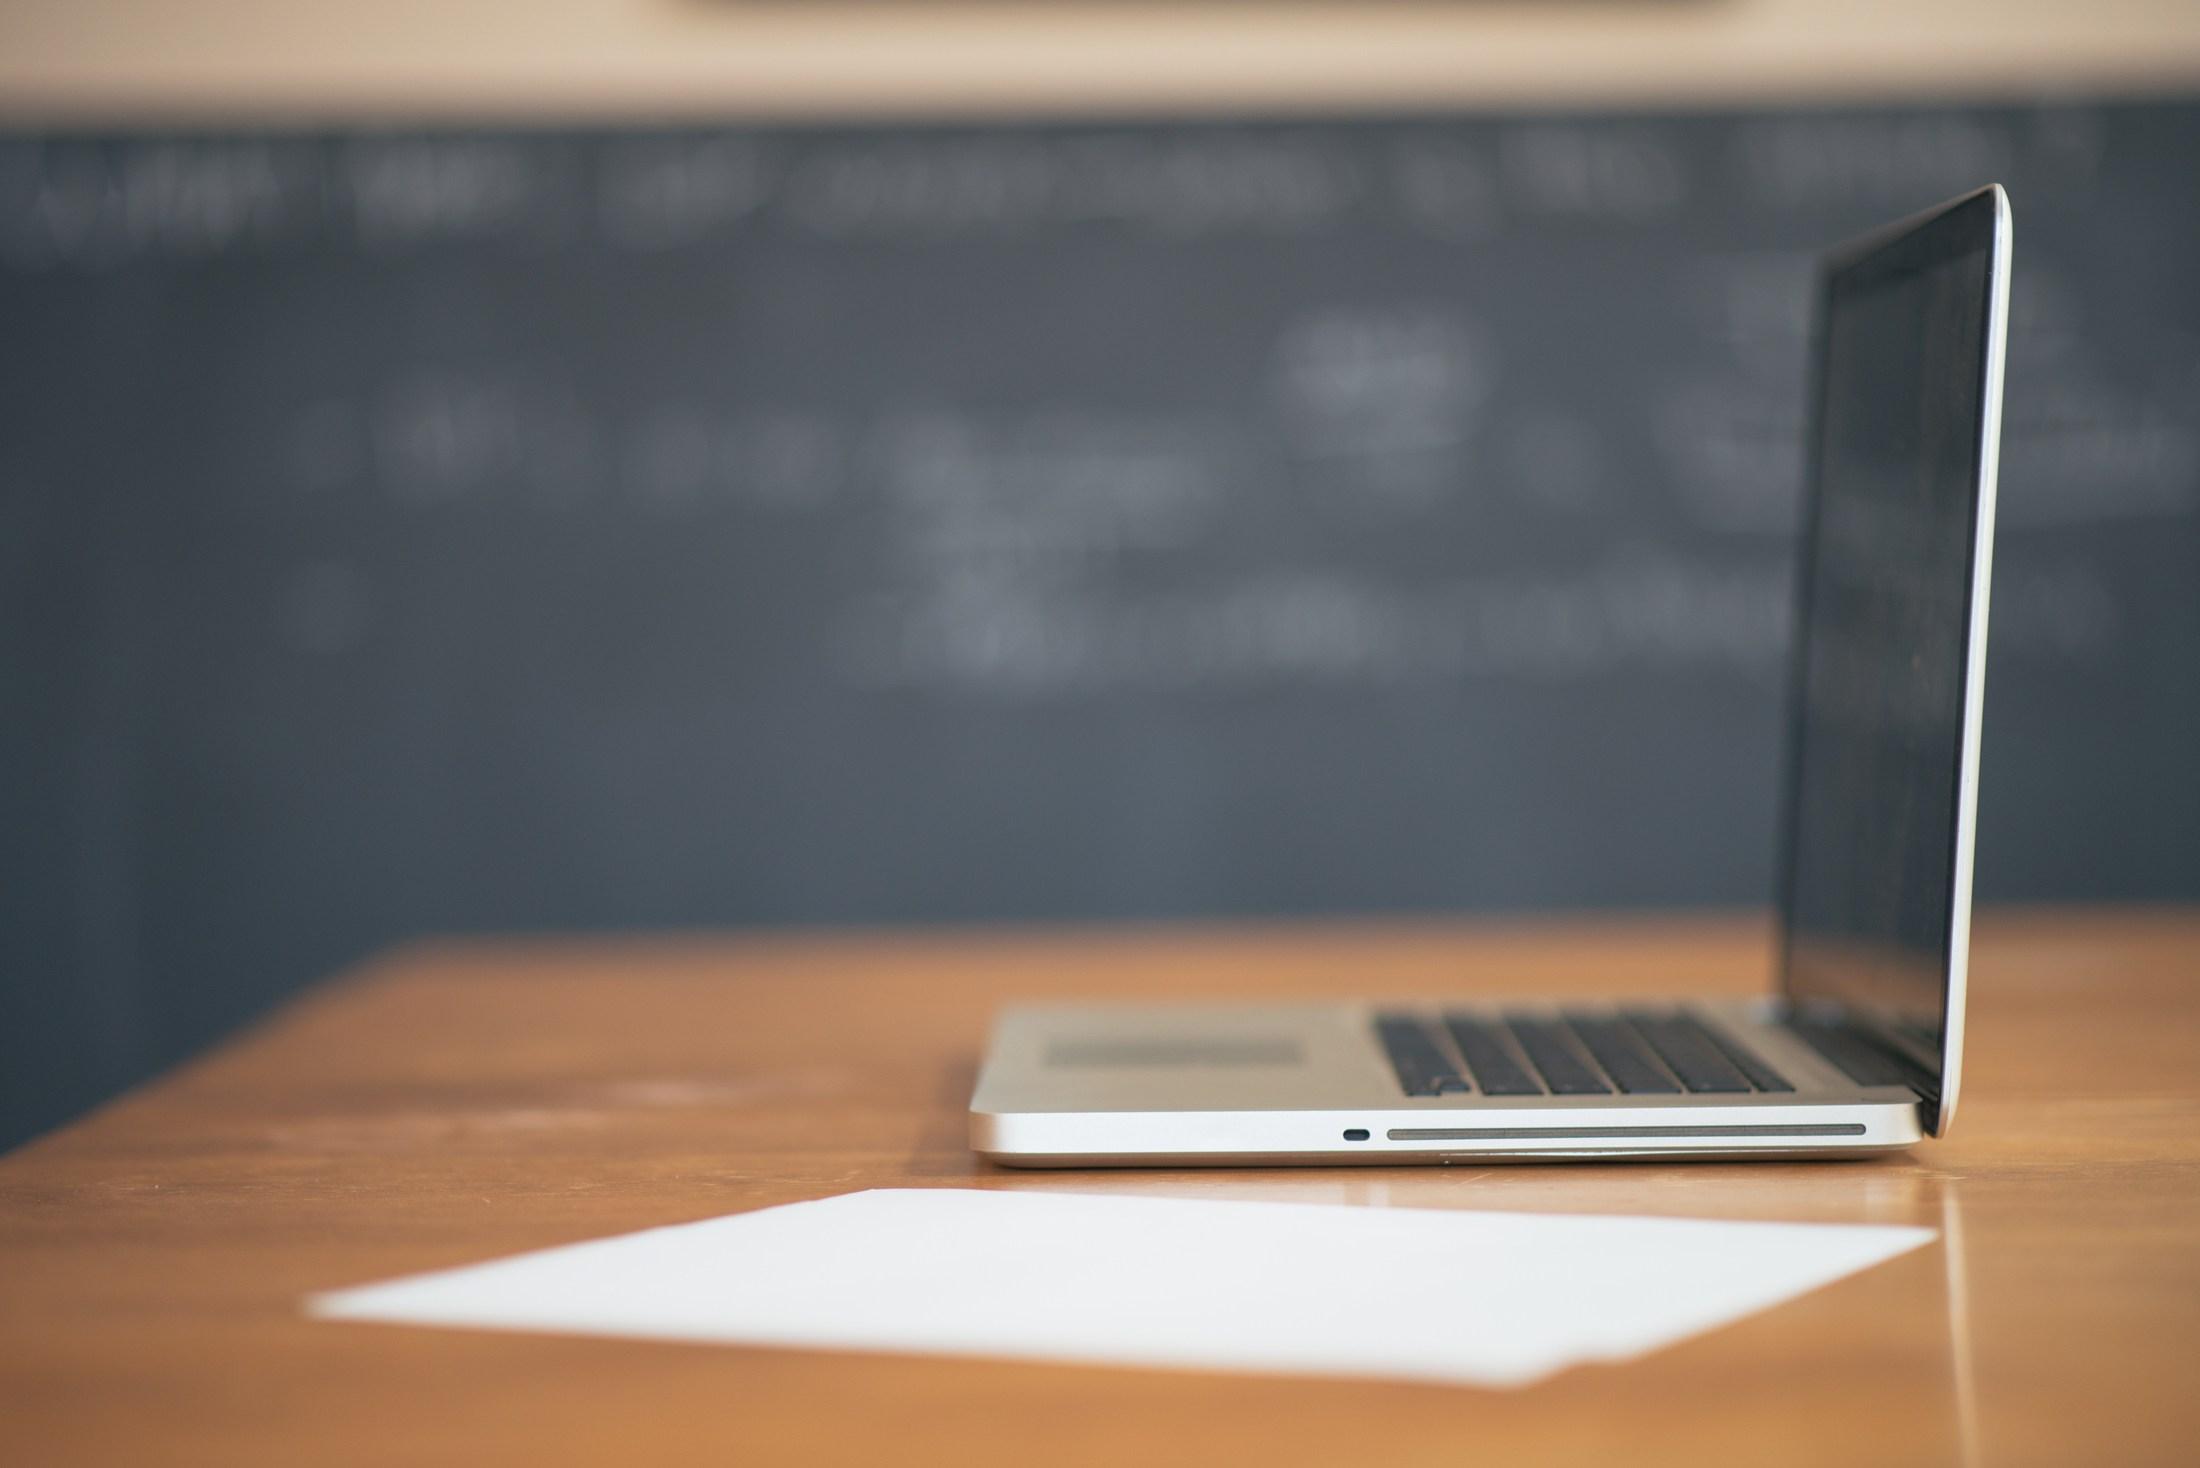 laptop open on a desk in front of chalkboard